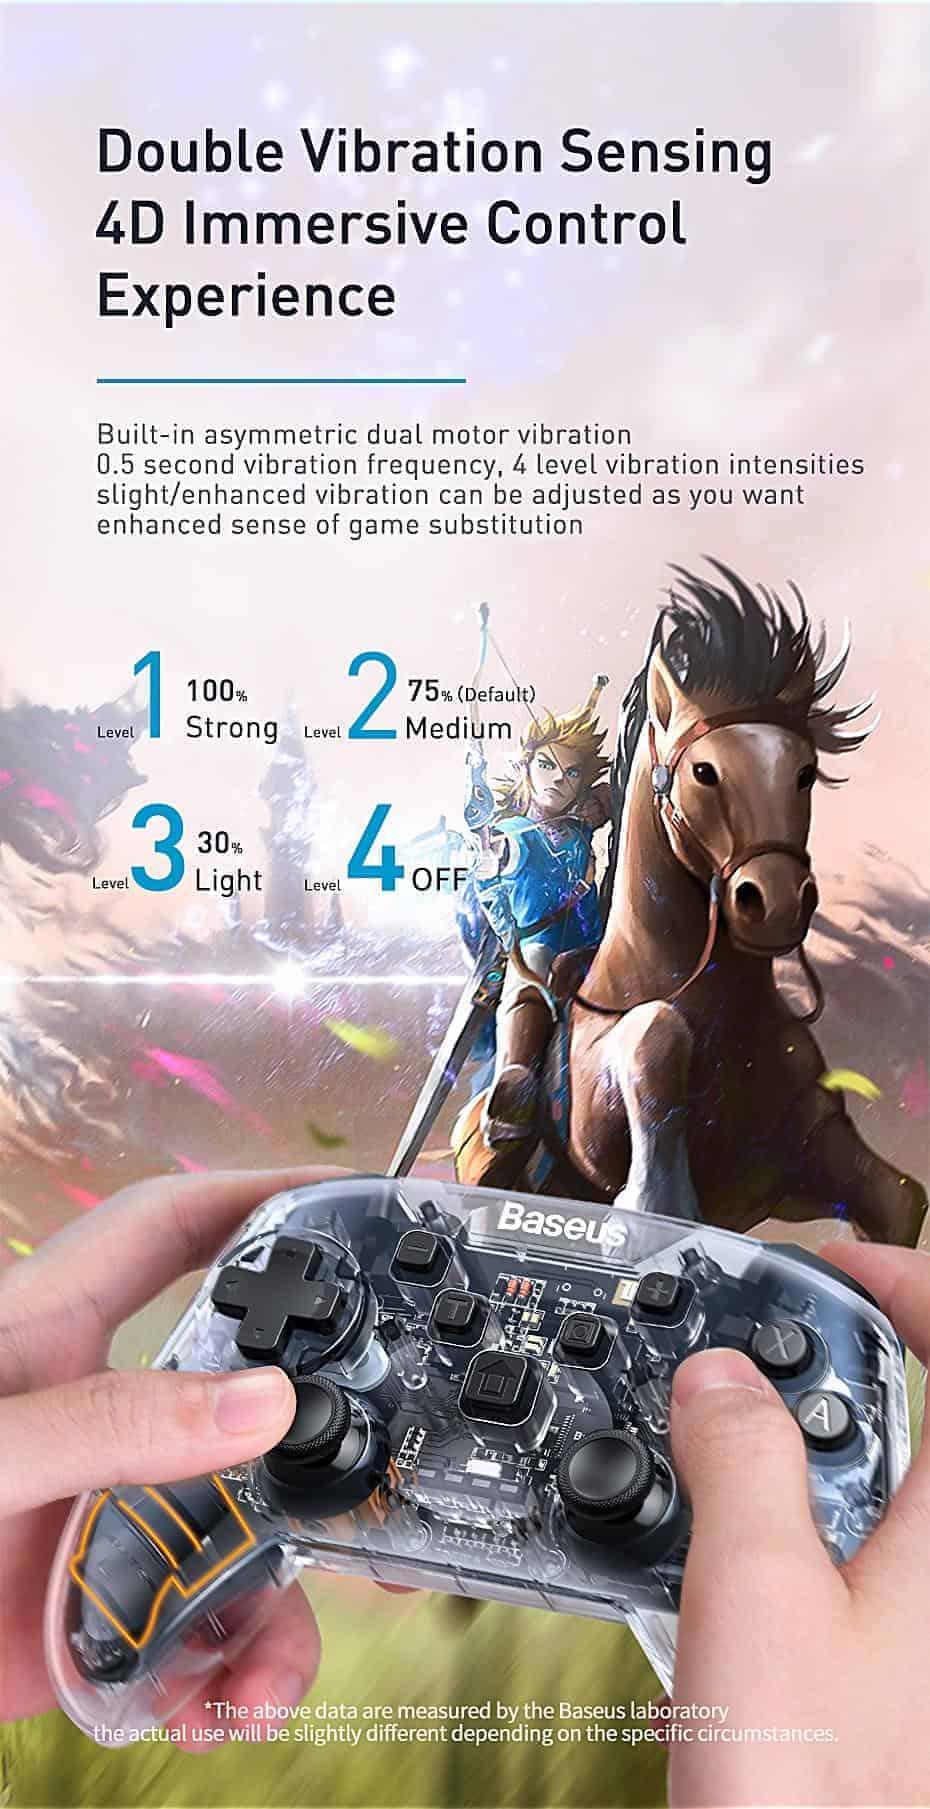 Tay cầm chơi game Baseus Gamo kết nối không dây , cảm biến chuyển động và rung 4D cho PC và Nitendo Switch